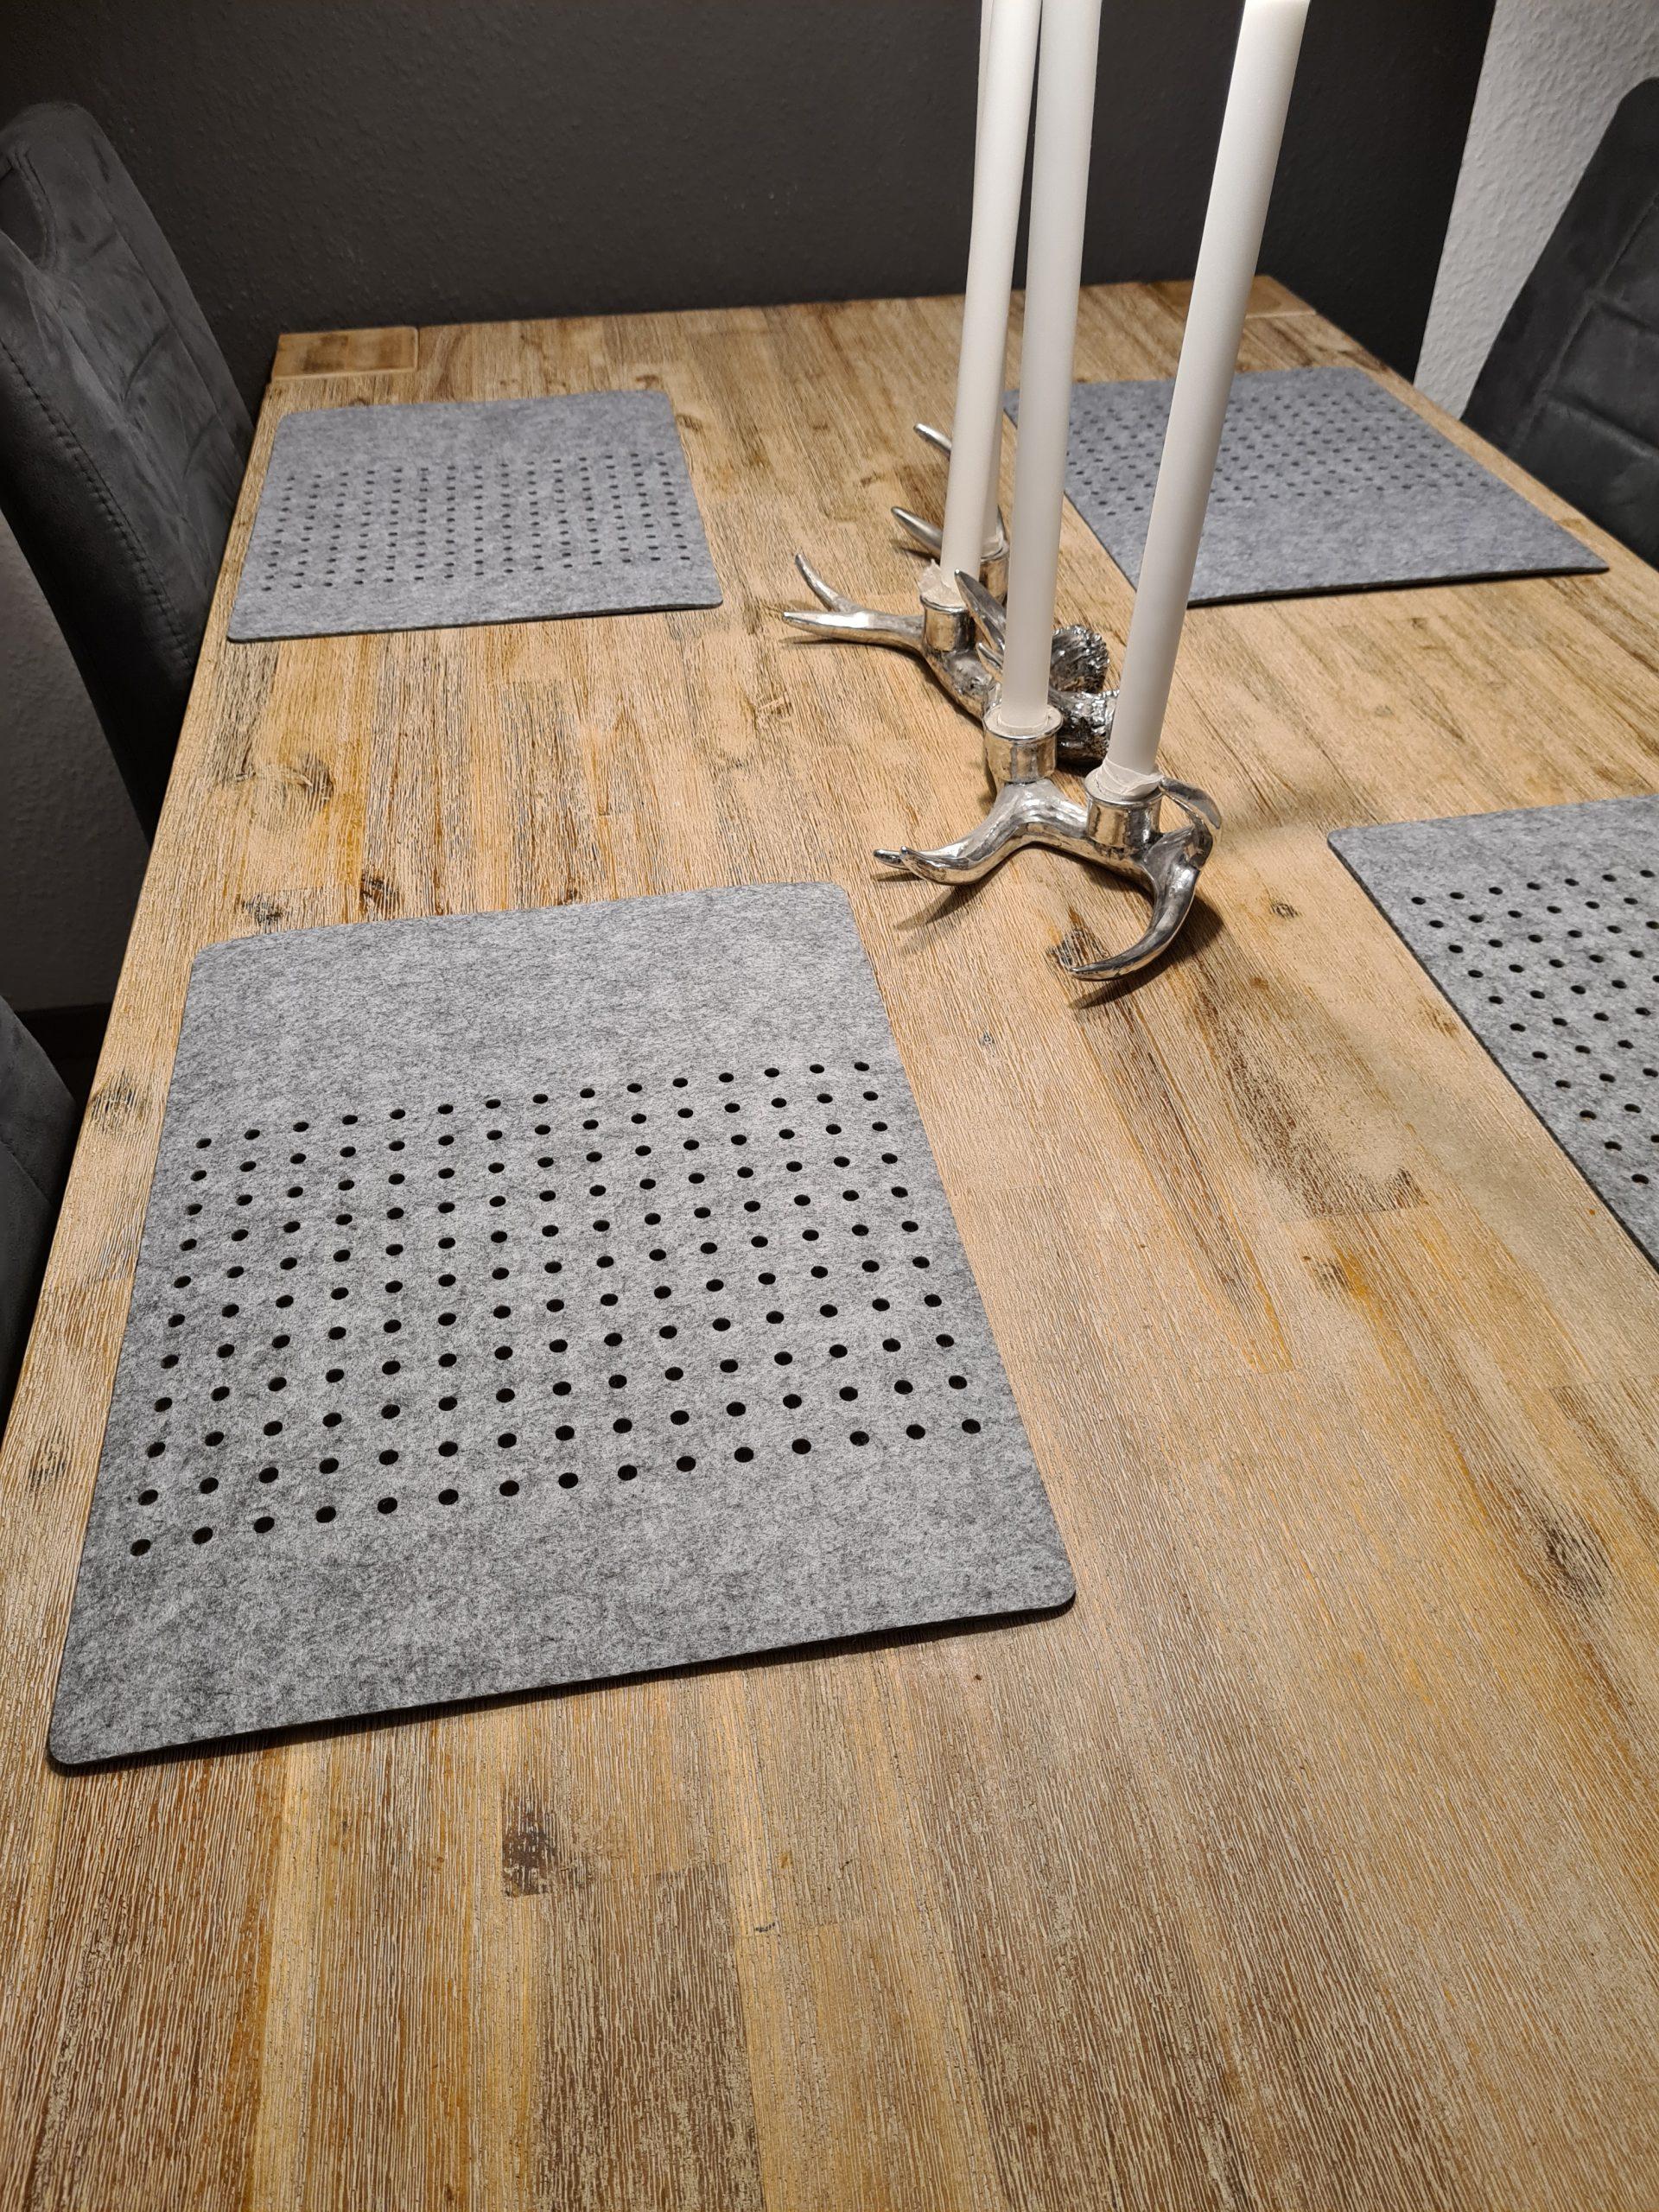 Grauer Filz-Untersetzter mit Löcherreihe auf Holztisch - Handgemachte individualisierbare Taschen, Körbe, Tischsets, Dekoartikel und mehr auf fideko.de der Onlineshop seit 2011